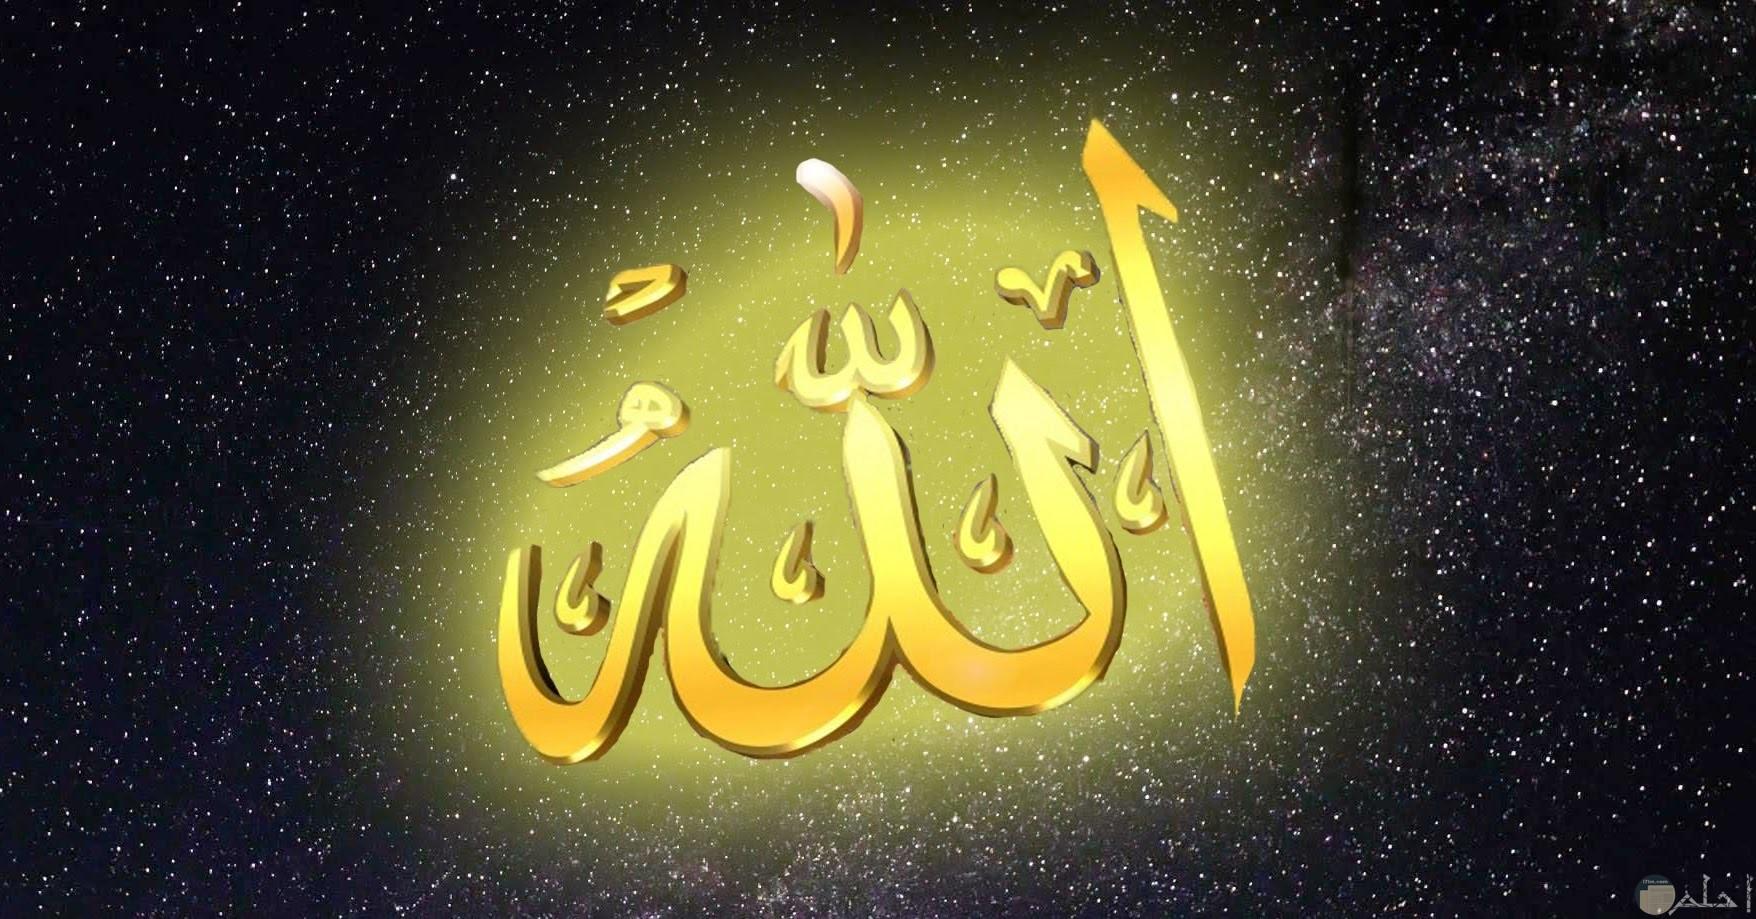 اسم الله لفظ الجلاله